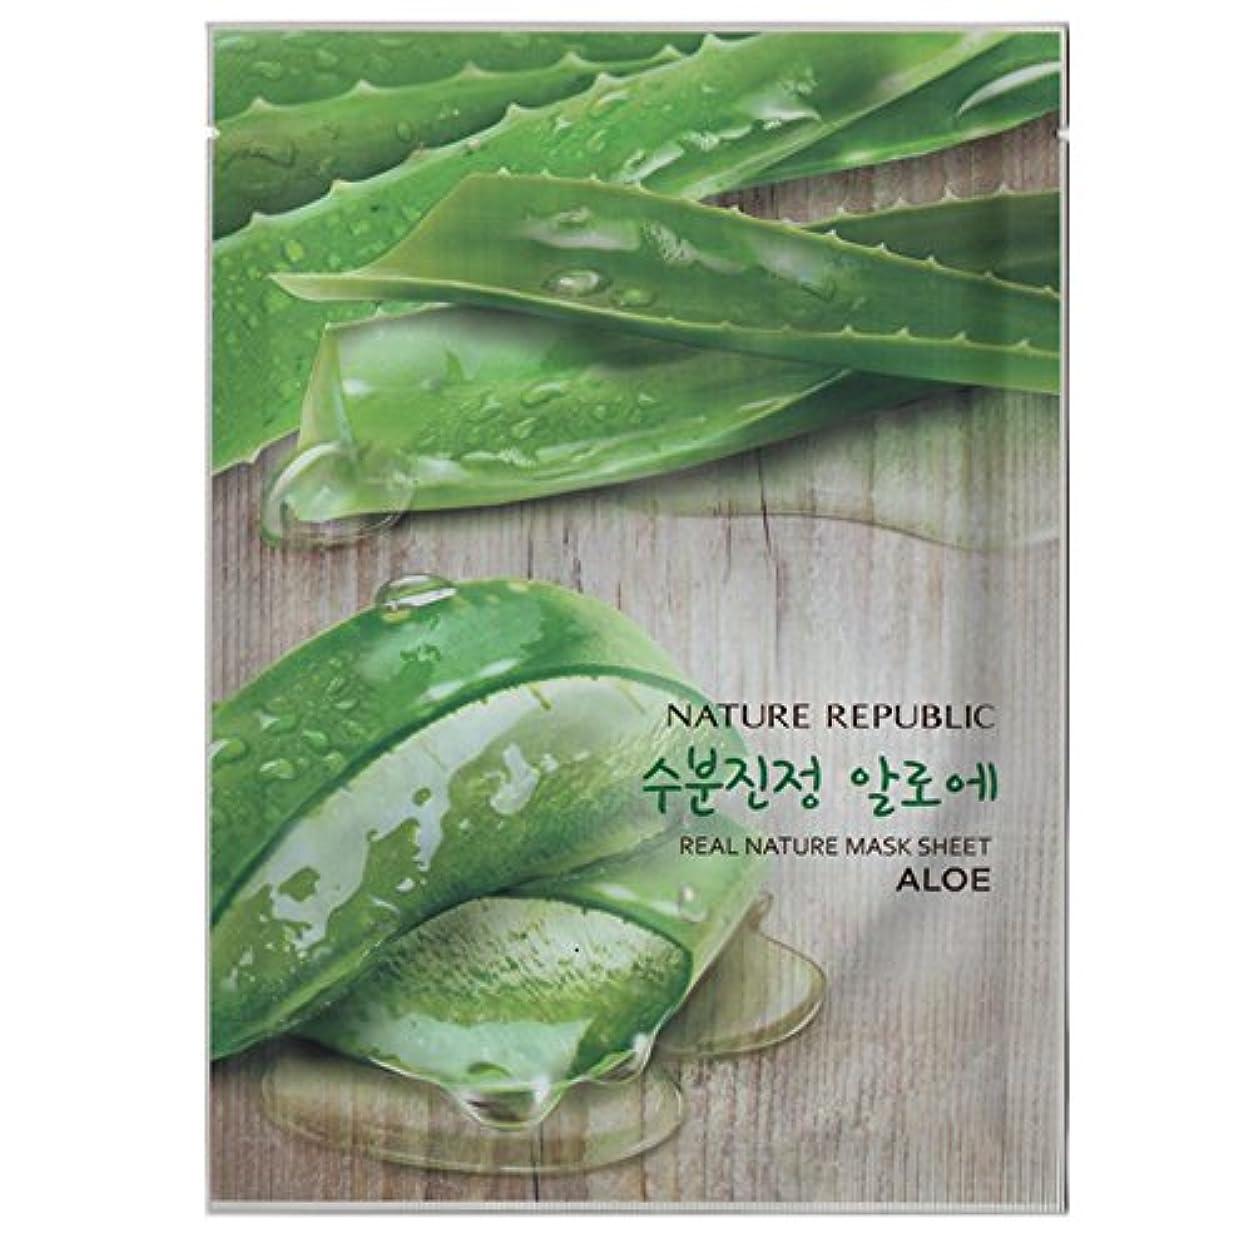 シールドに関して日焼け[NATURE REPUBLIC] リアルネイチャー マスクシート Real Nature Mask Sheet (Aloe (アロエ) 10個) [並行輸入品]